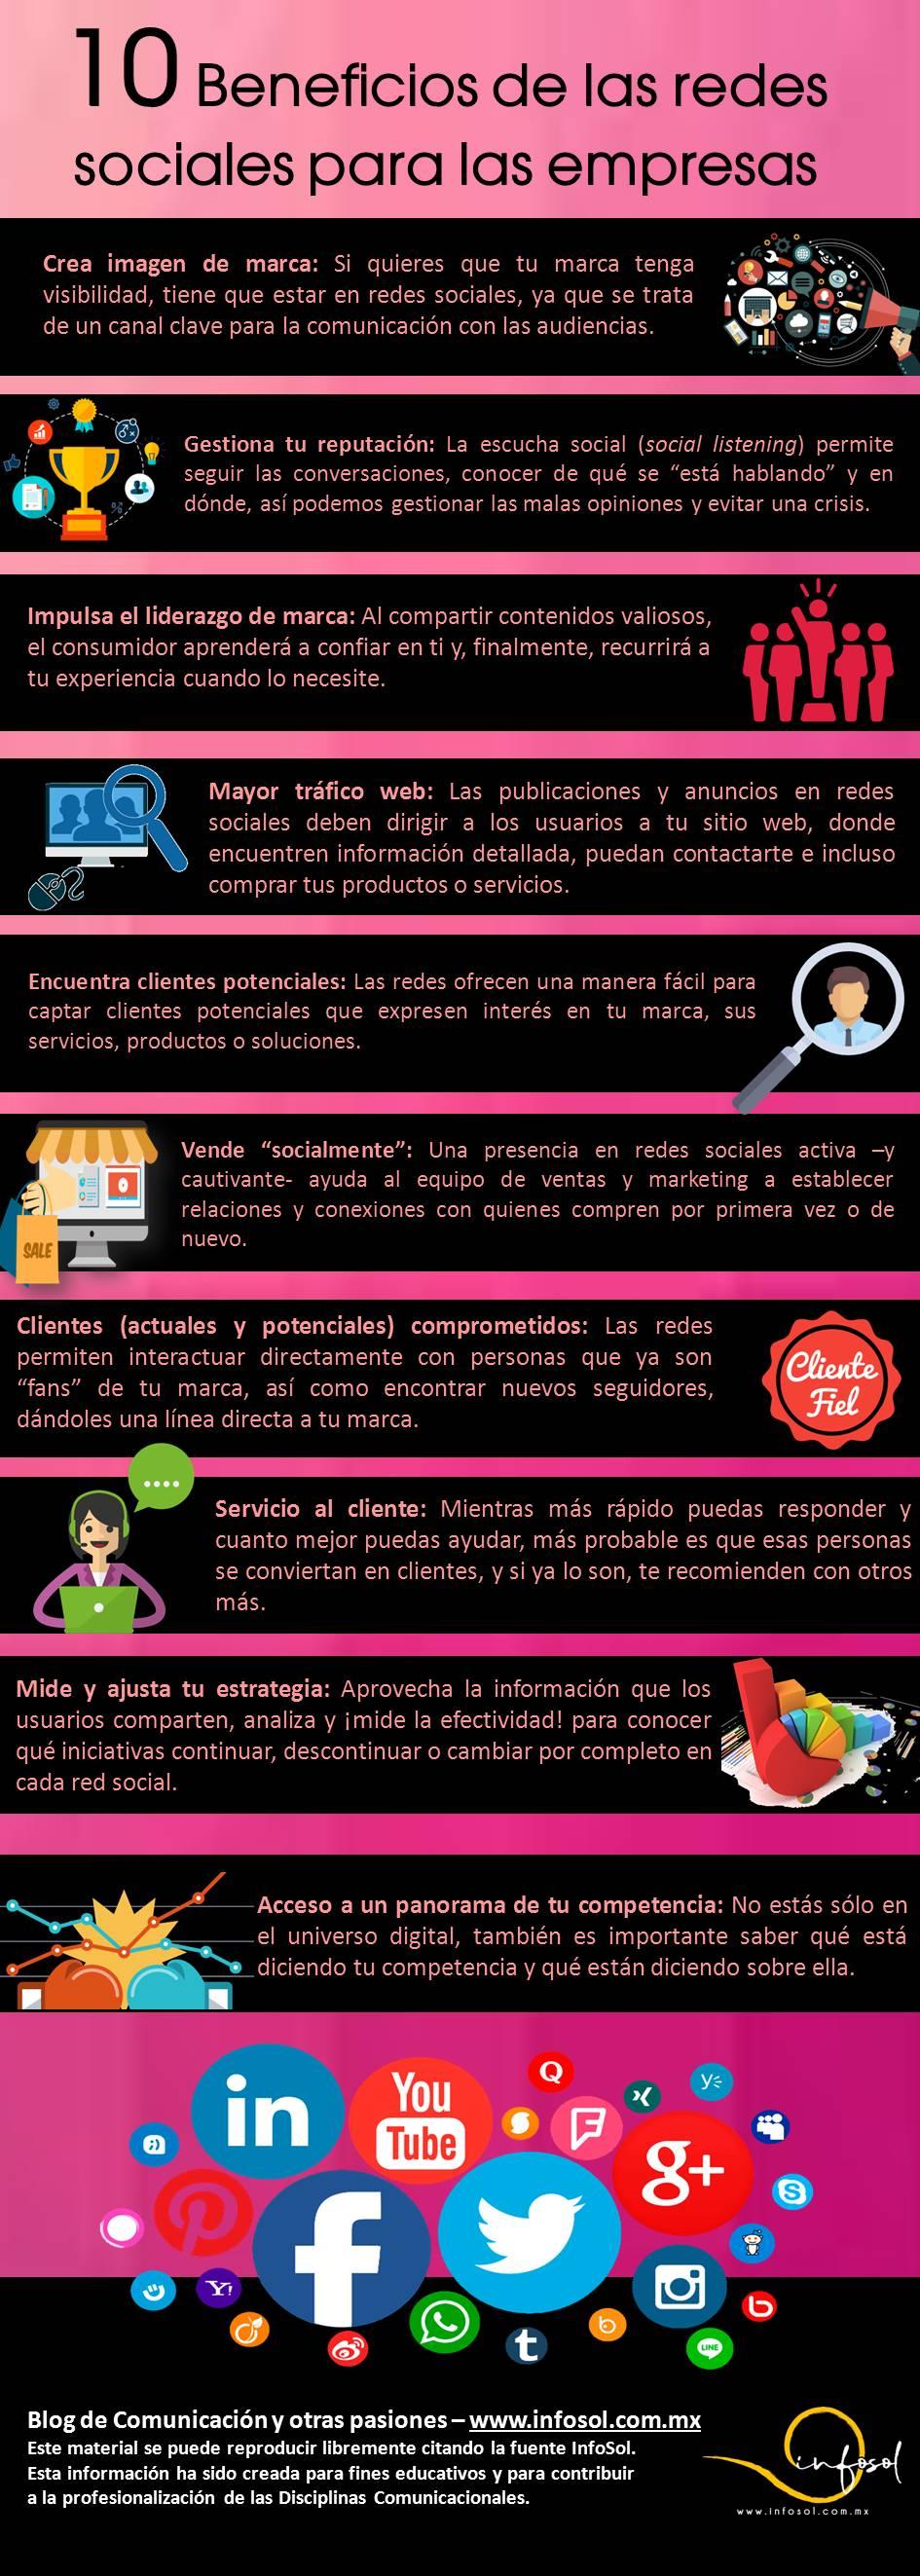 10 beneficios de las redes sociales para las empresas